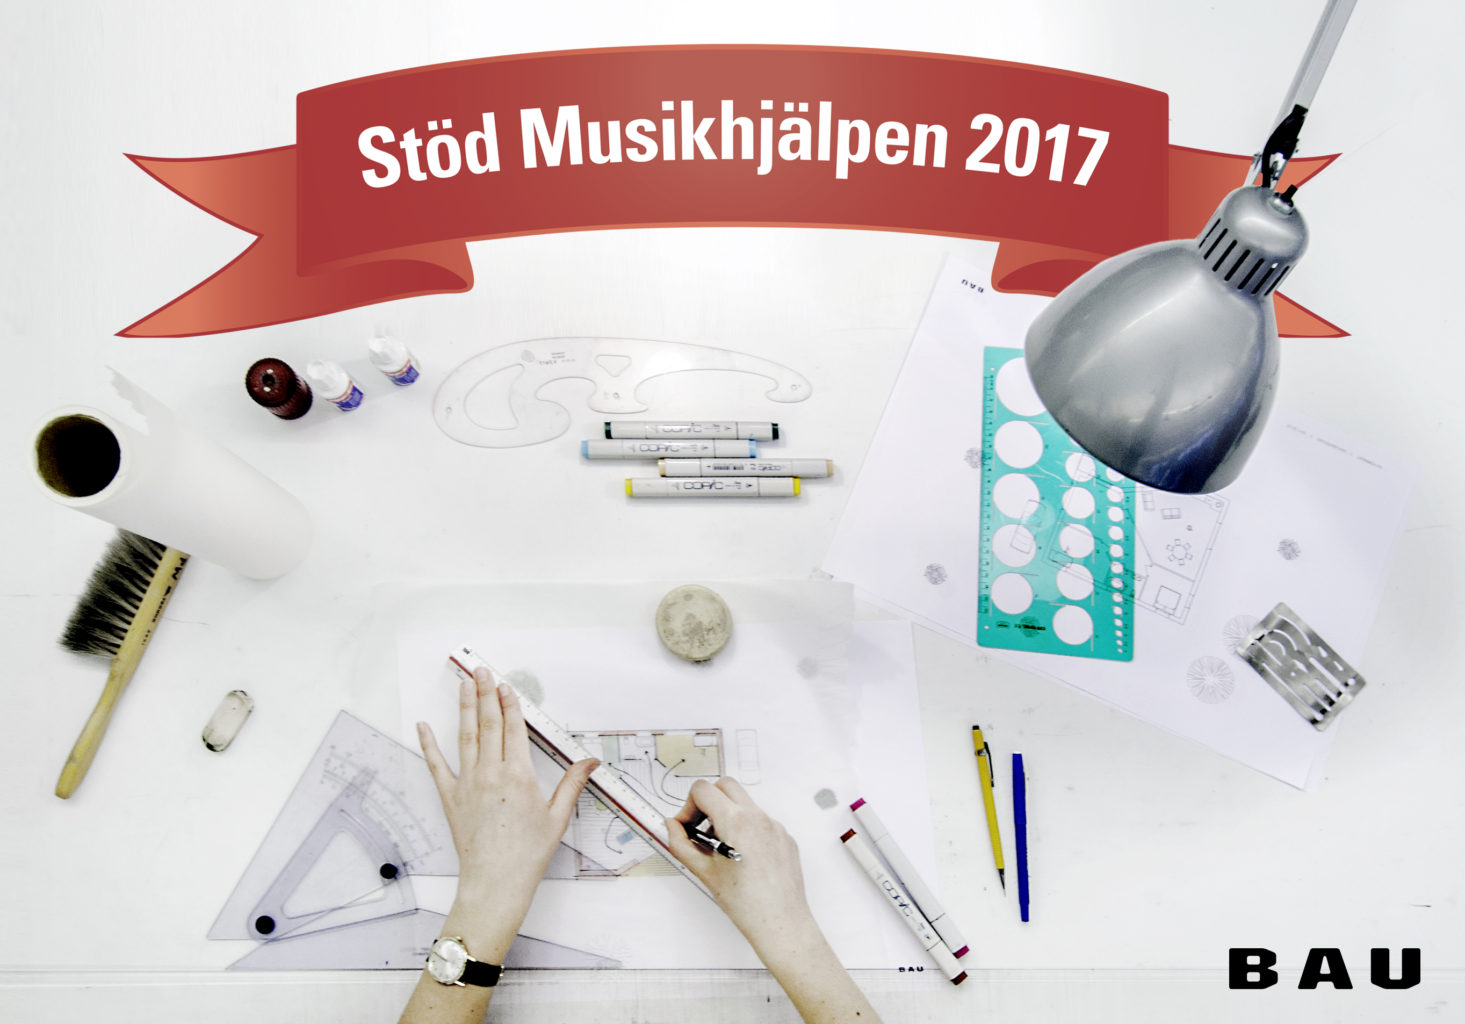 En arkitekts arbetsplats, händer och ritverktyg